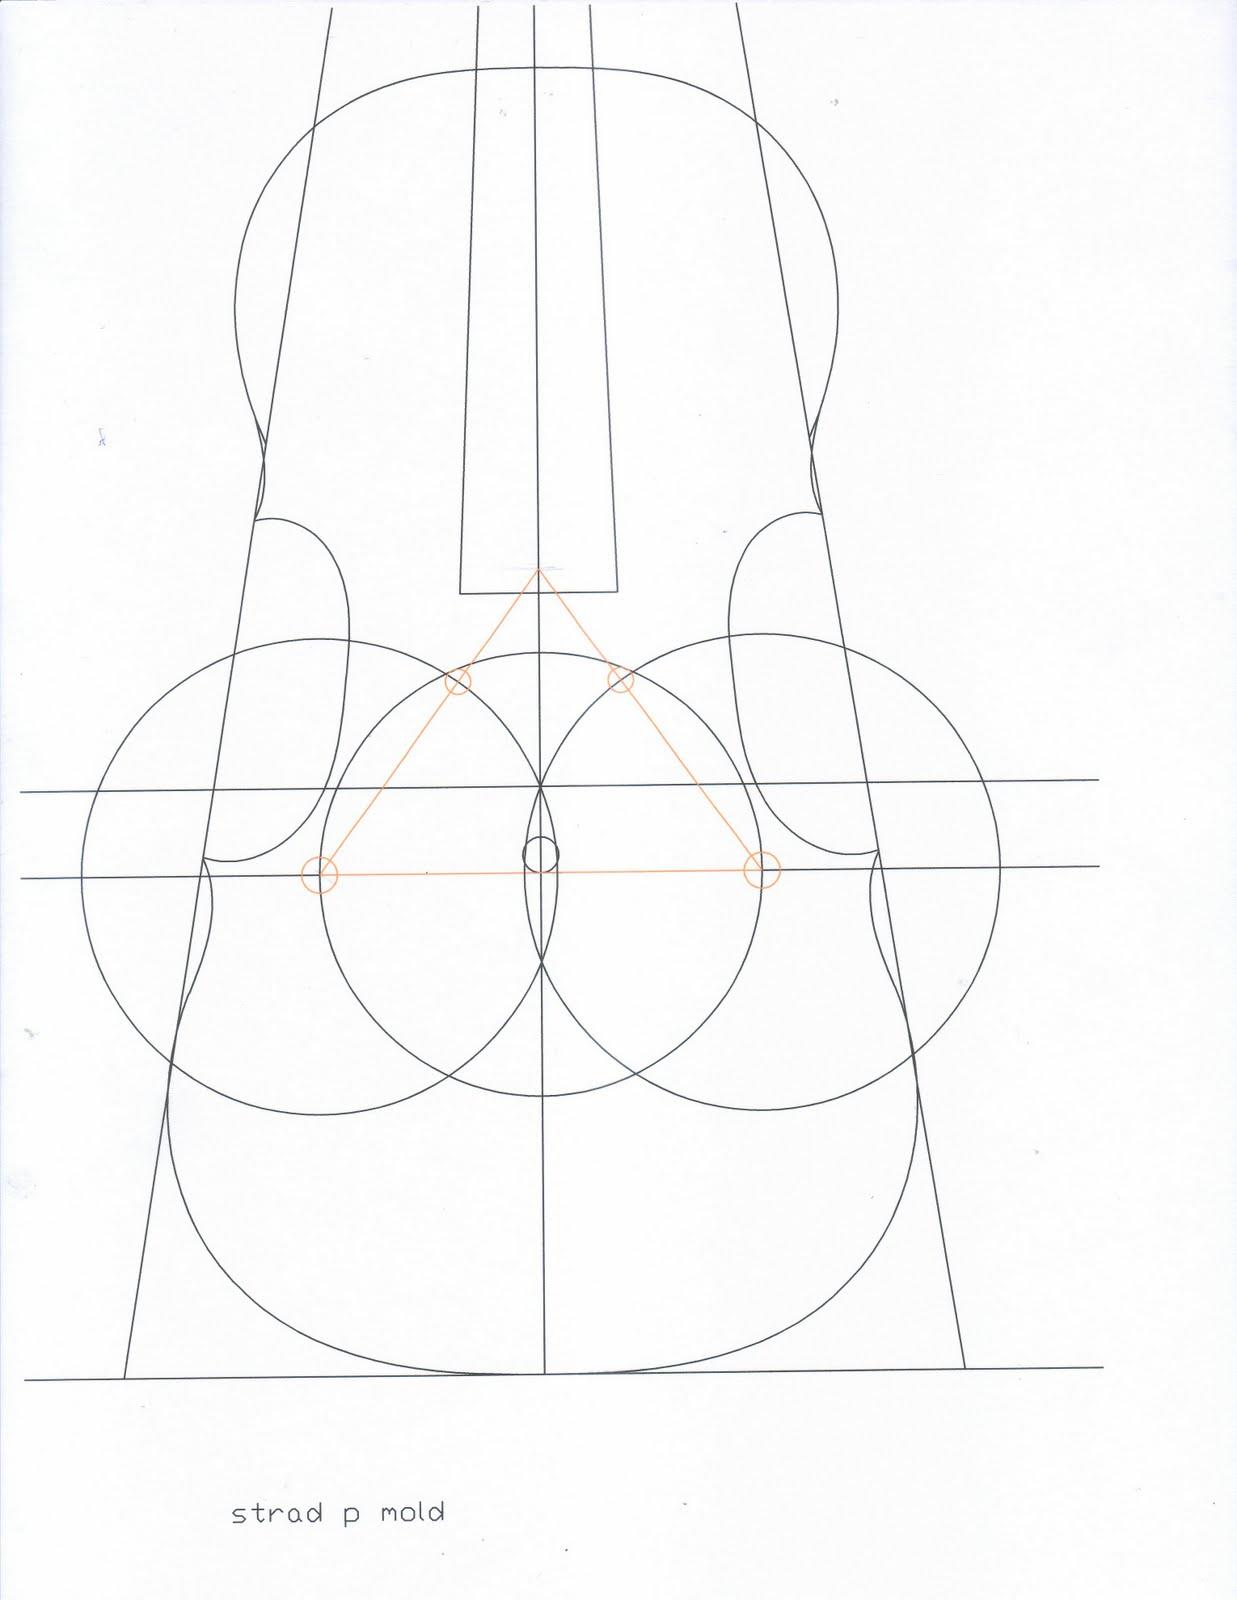 Ken S Violin Making The Form